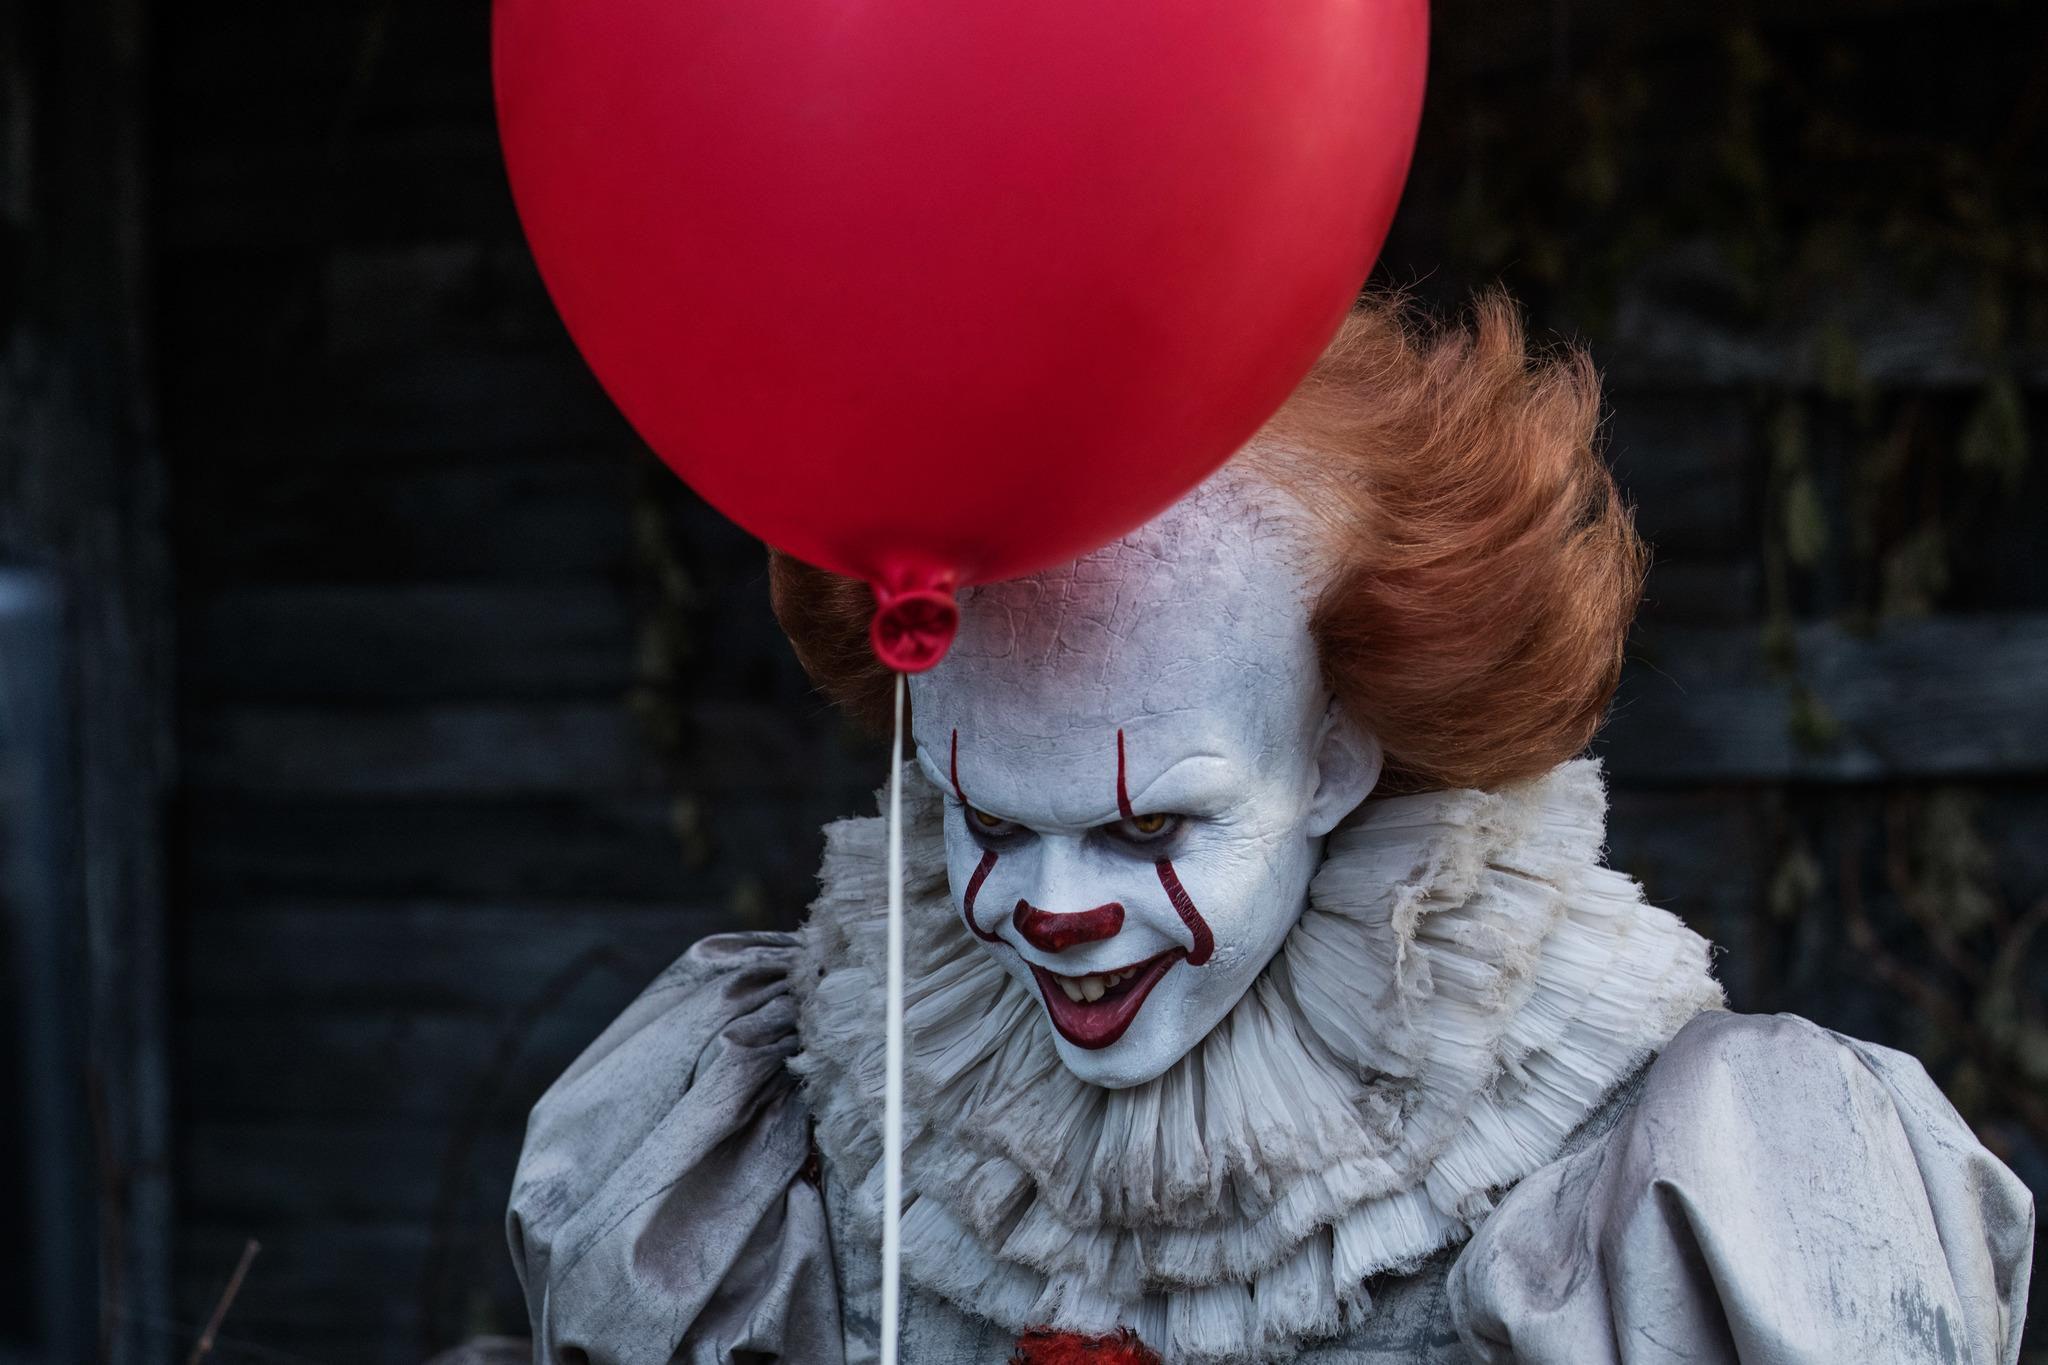 Las mejores series y películas de miedo para ver en Halloween